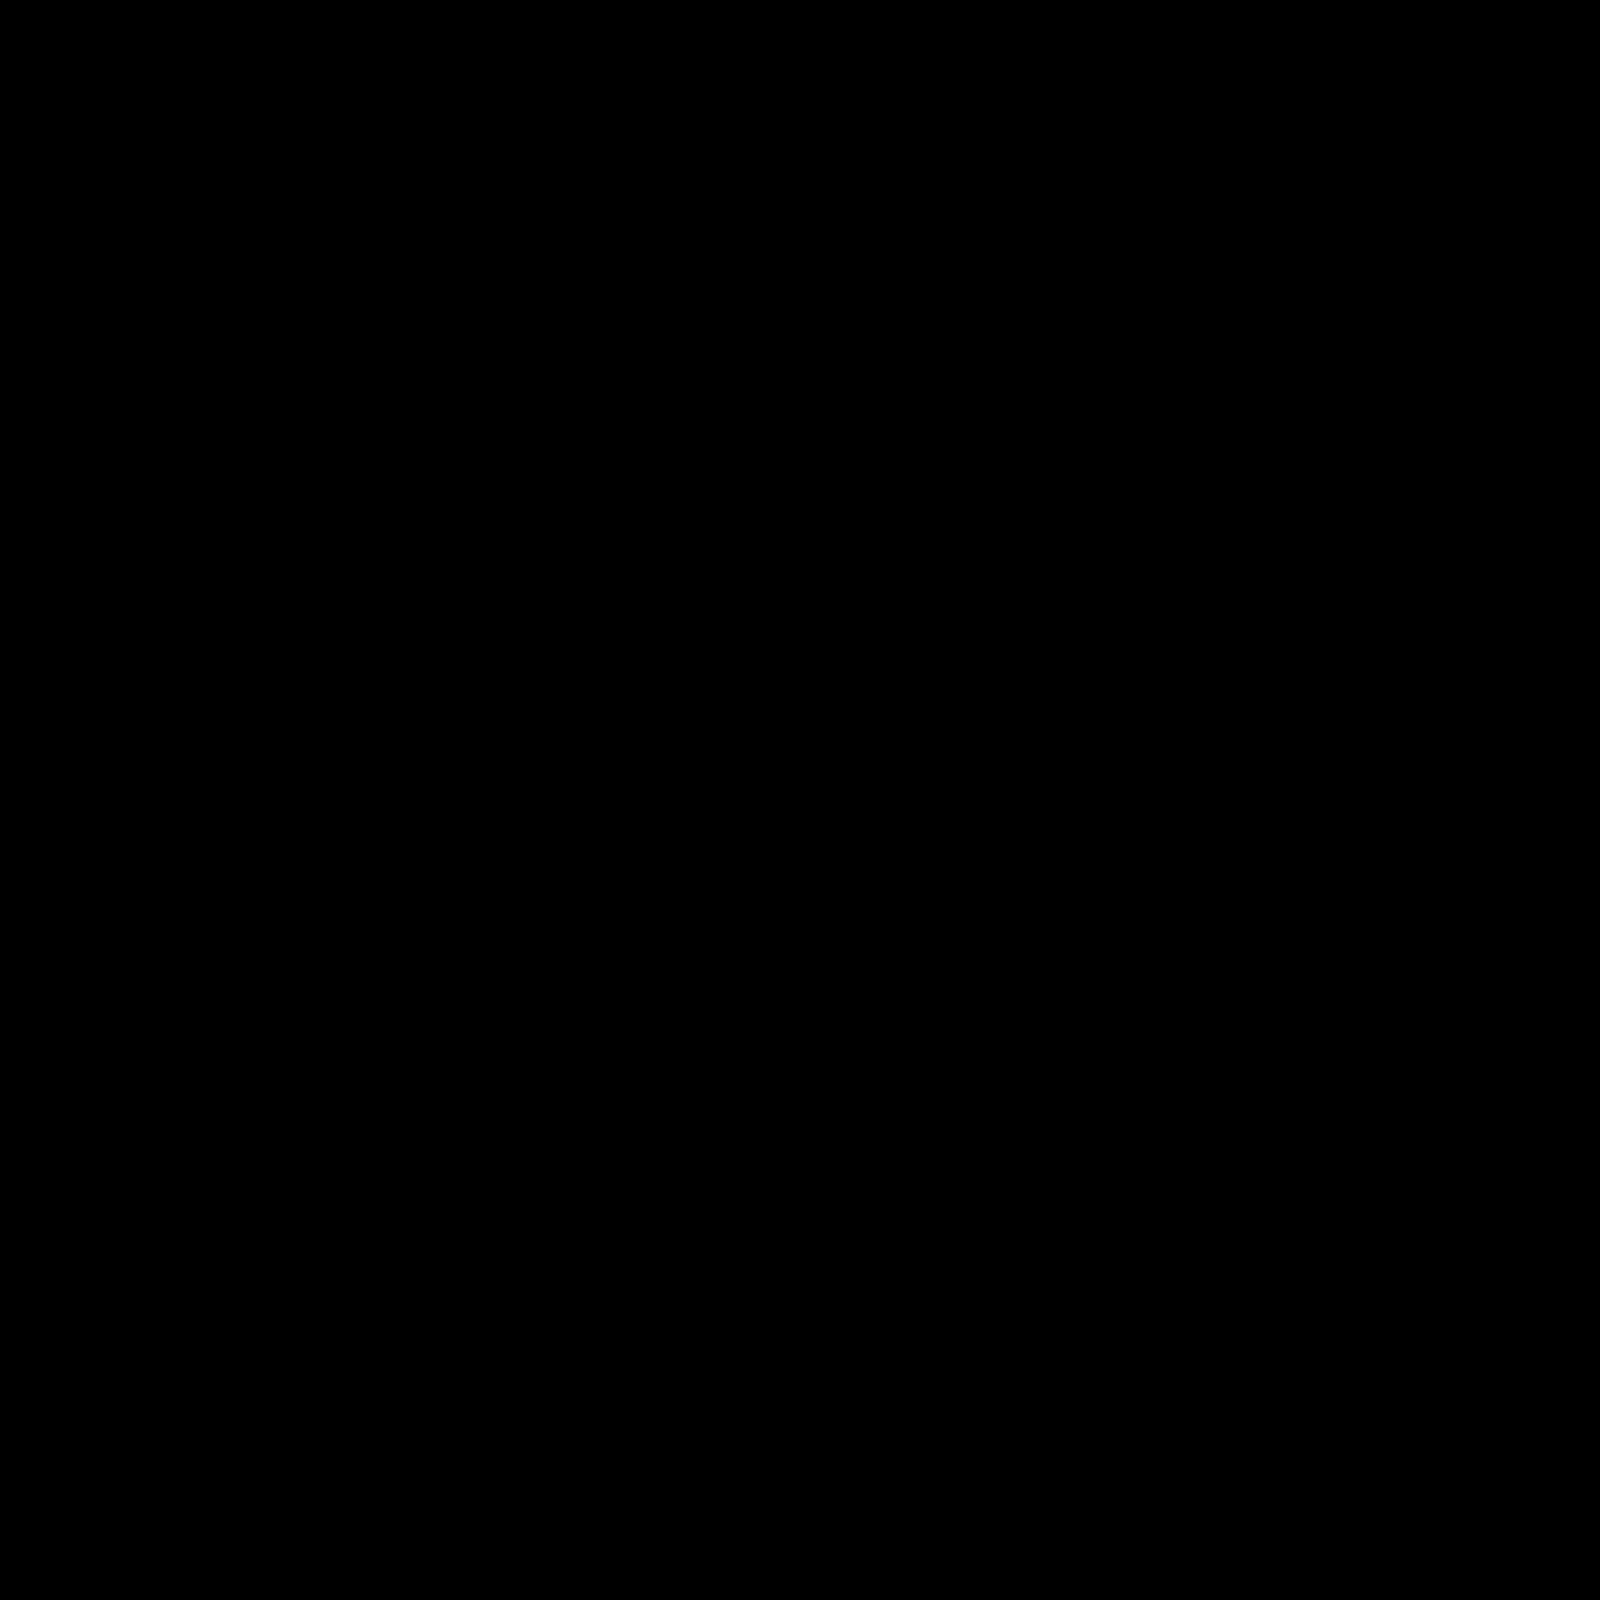 Subaru icon